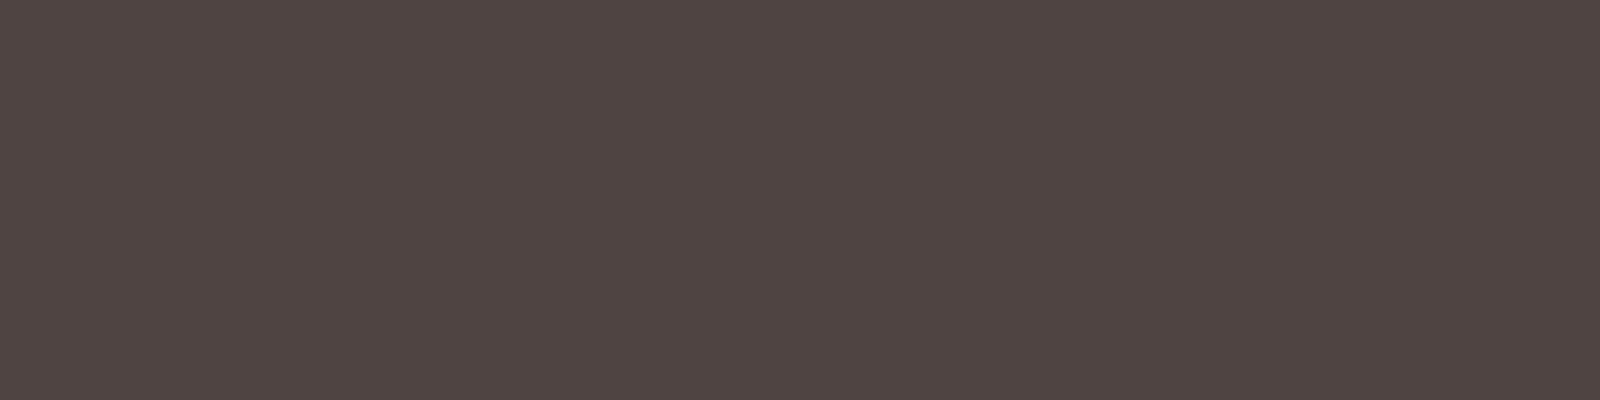 202 Royal Brown Gutter Color